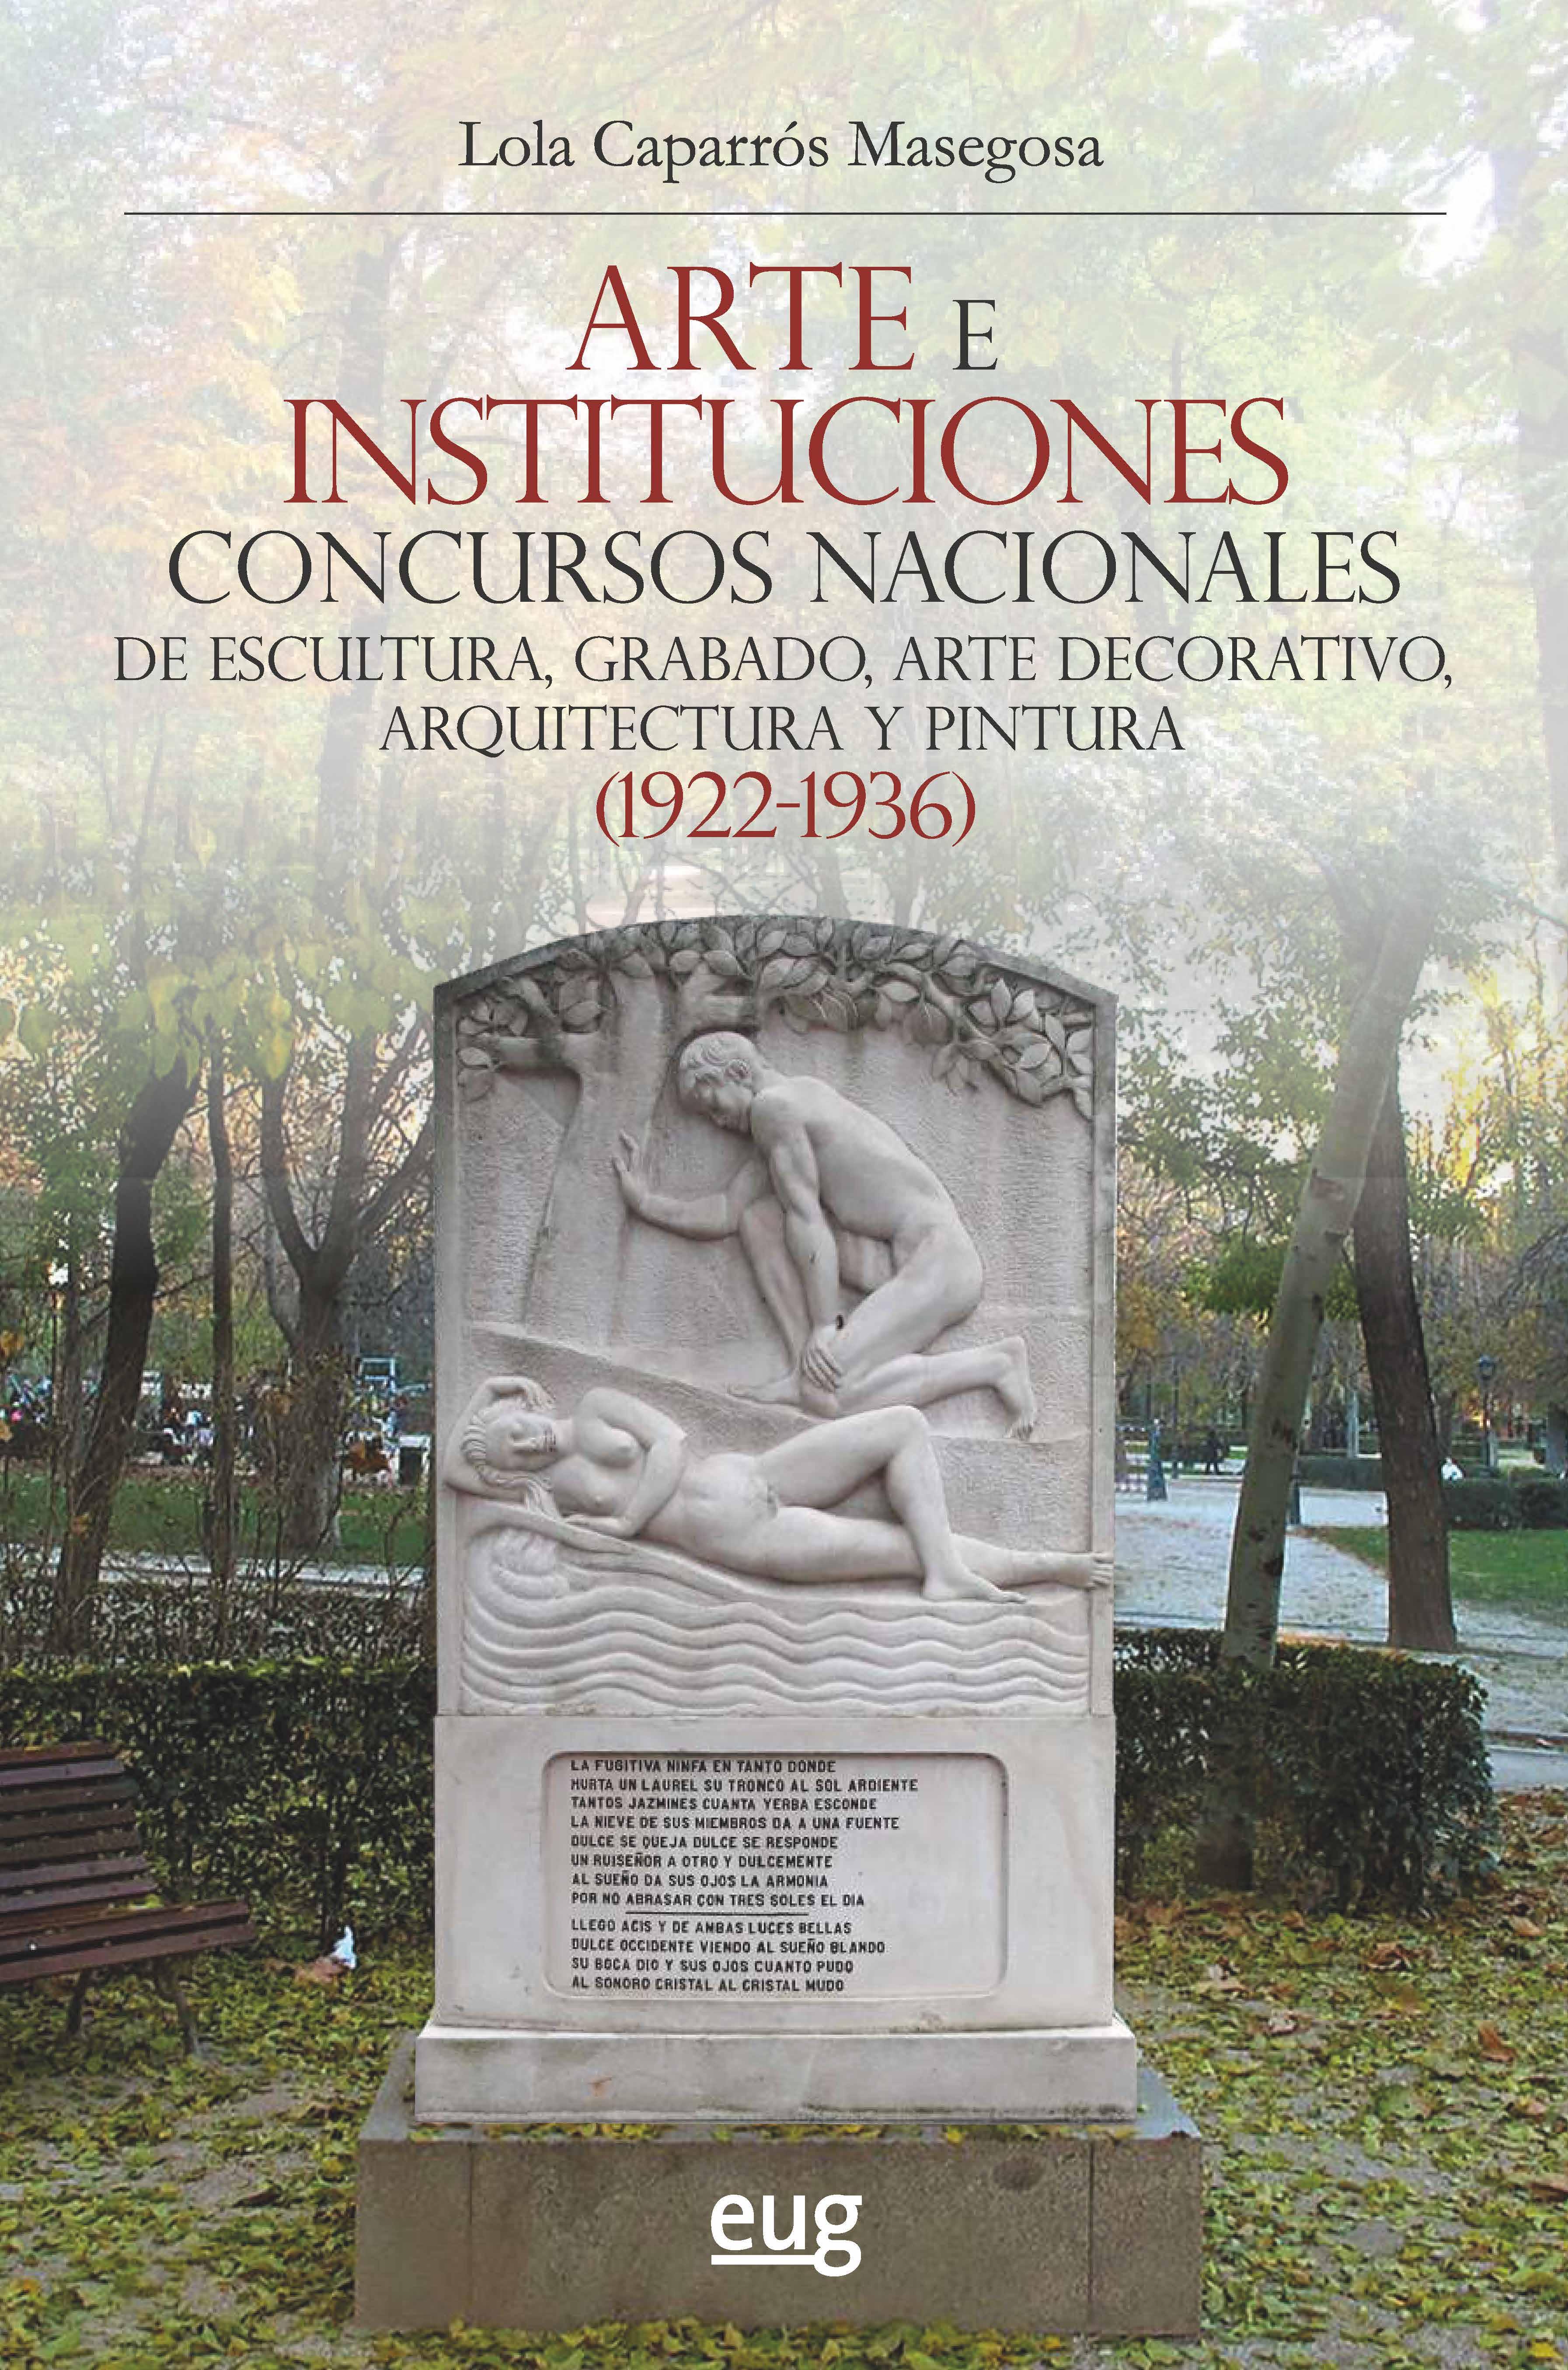 Arte e Instituciones   «concursos nacionales de escultura, grabado, arte decorativo, arquitectura y pintura (1922-1936)»